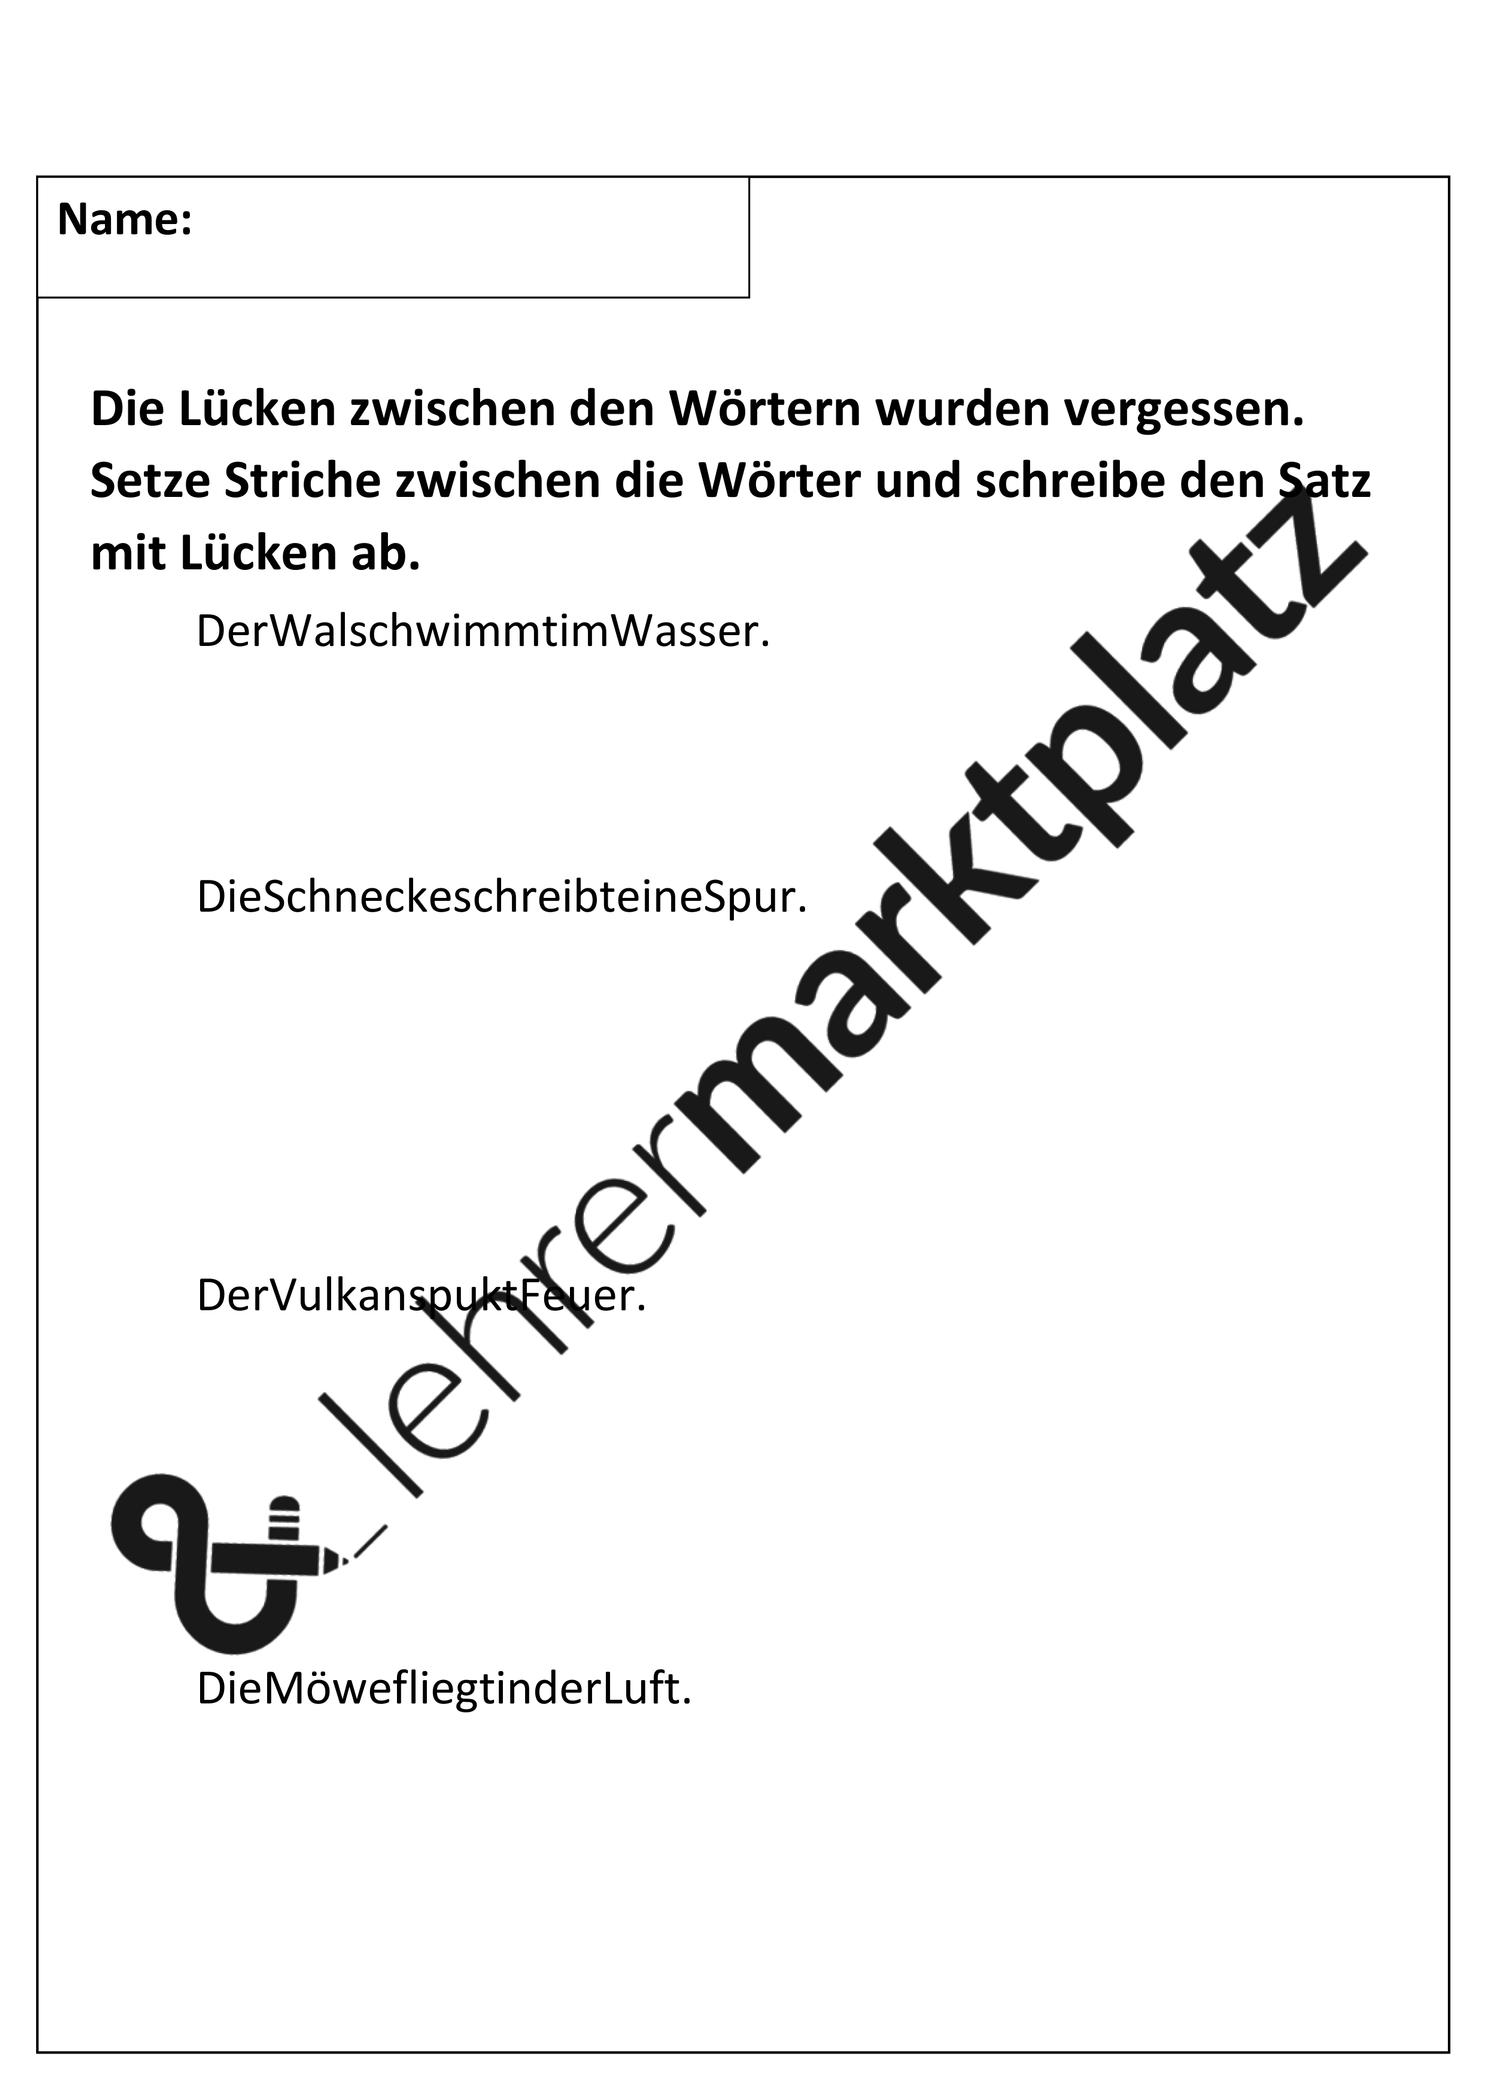 Zur Einheit Die Schnecke Und Der Buckelwal In 2020 Mit Bildern Wort Bildung Grundschule